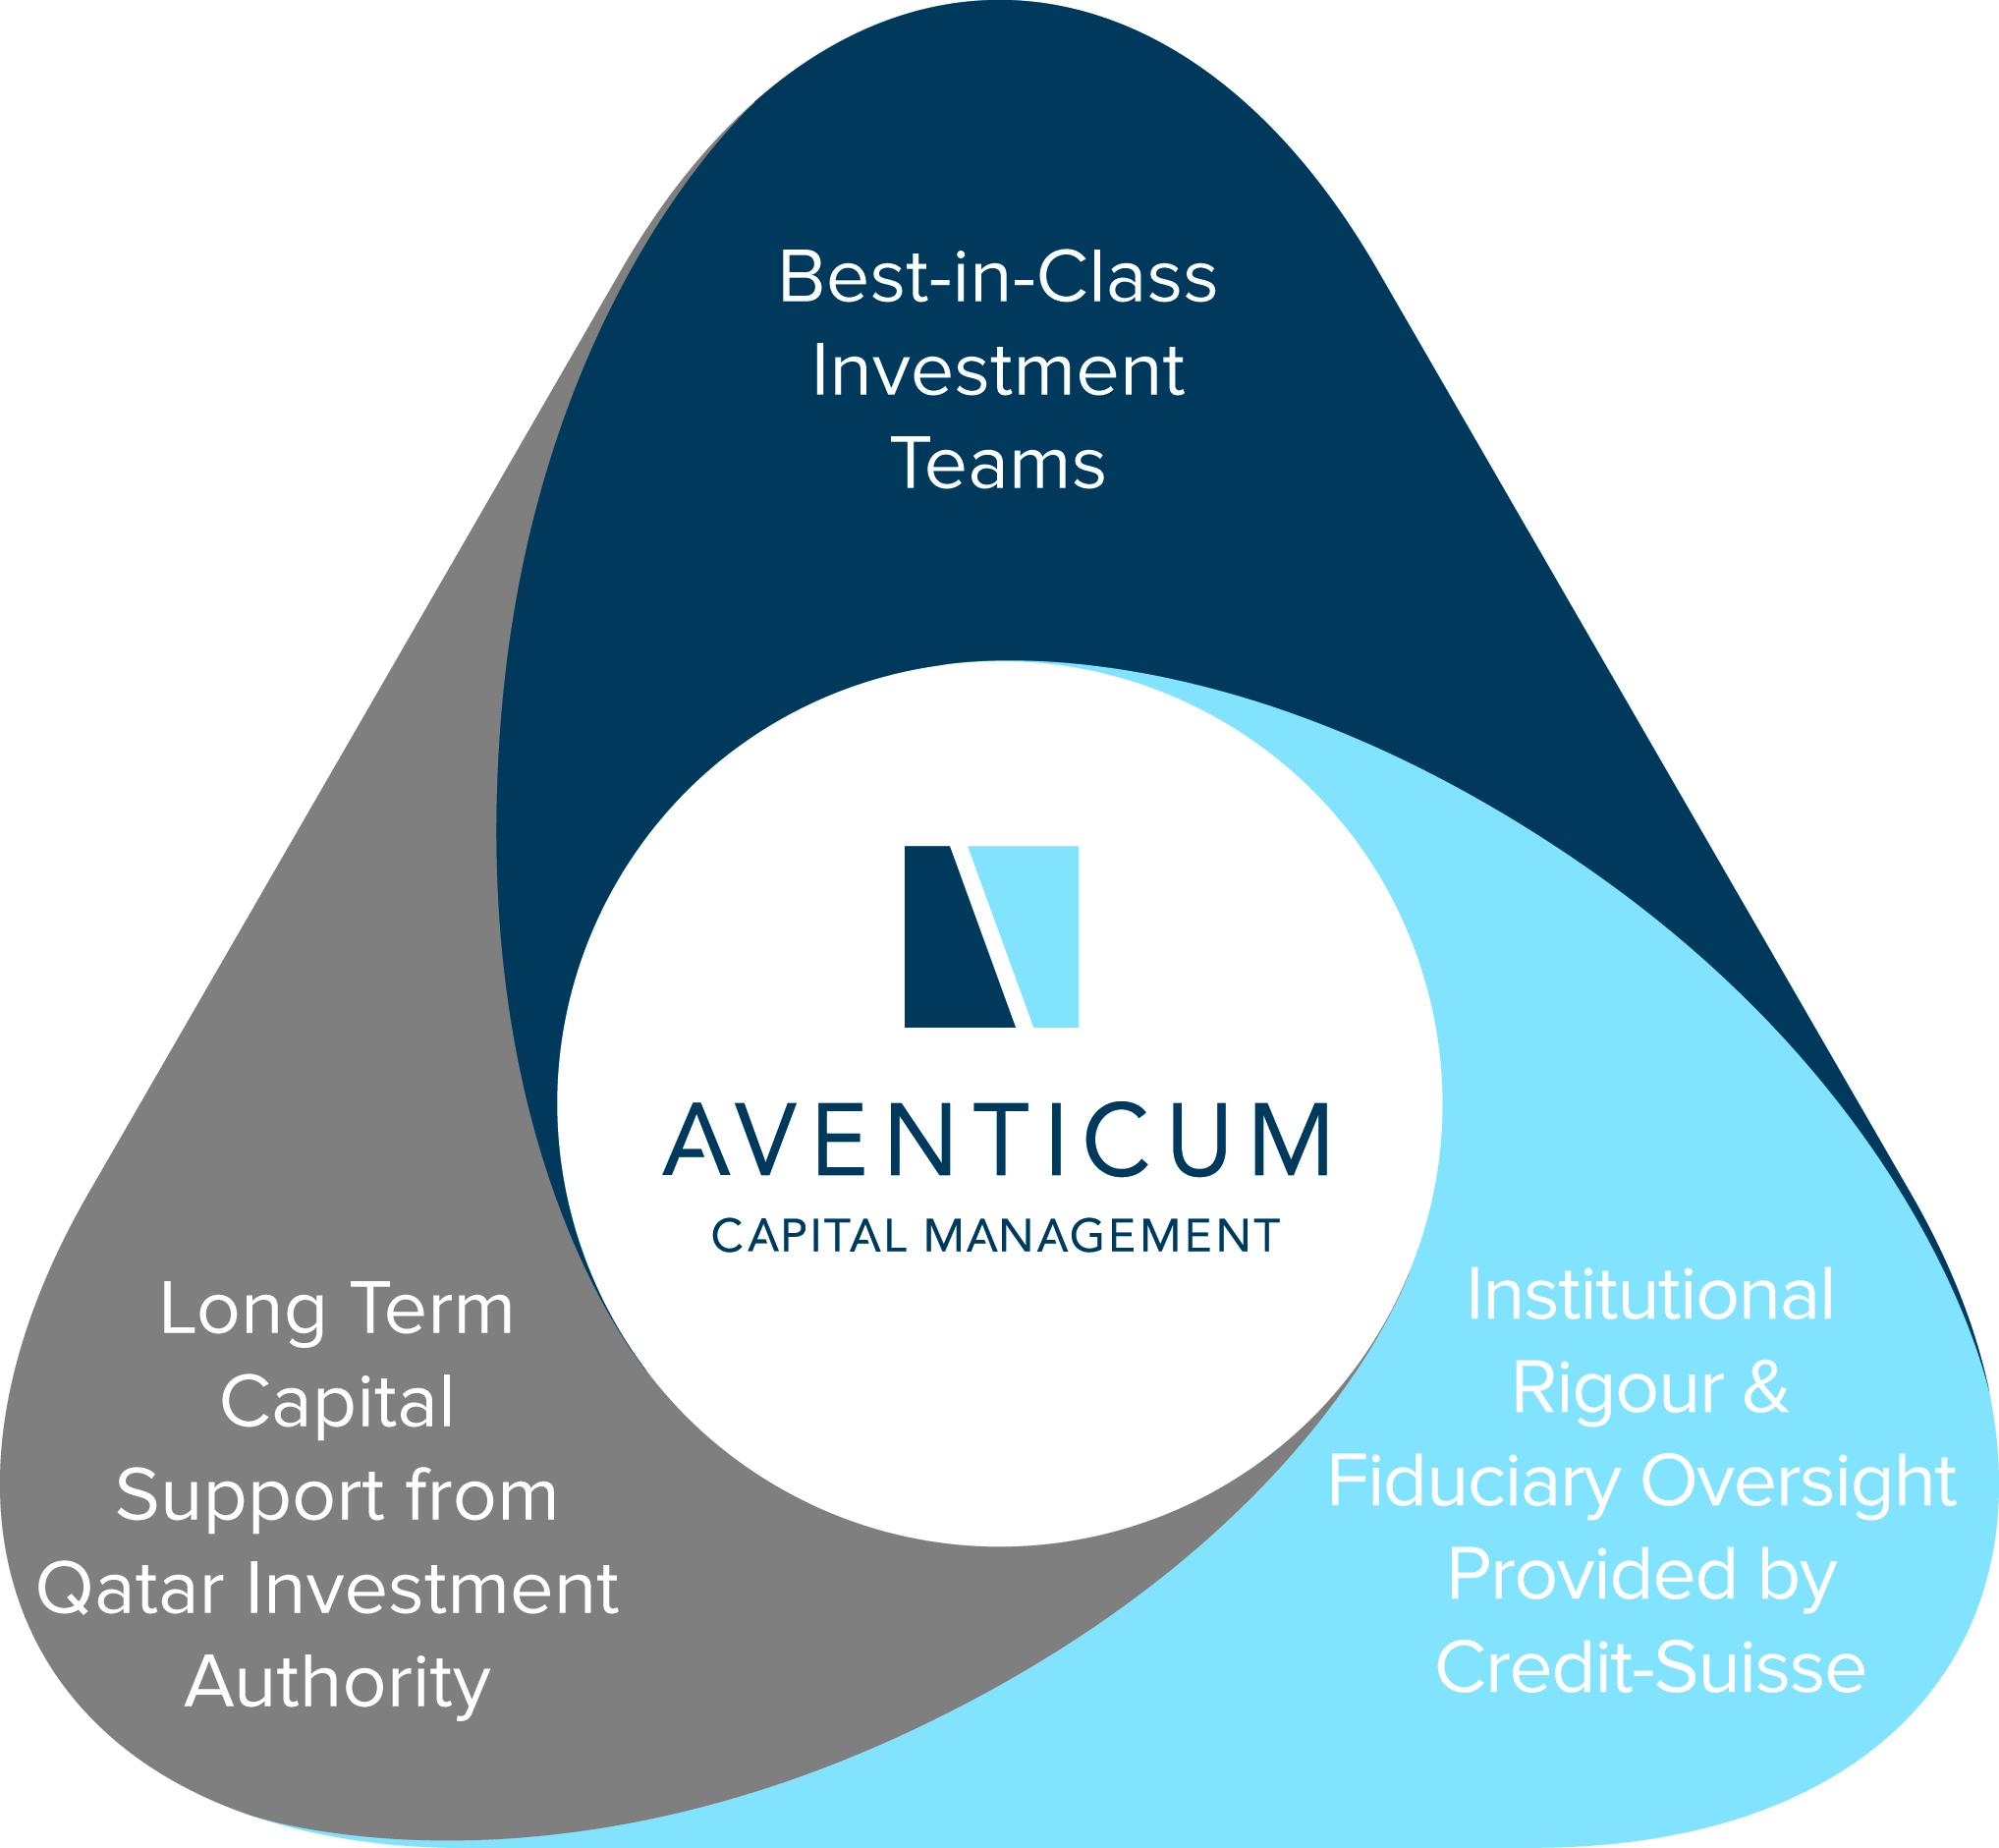 Aventicum Capital Management